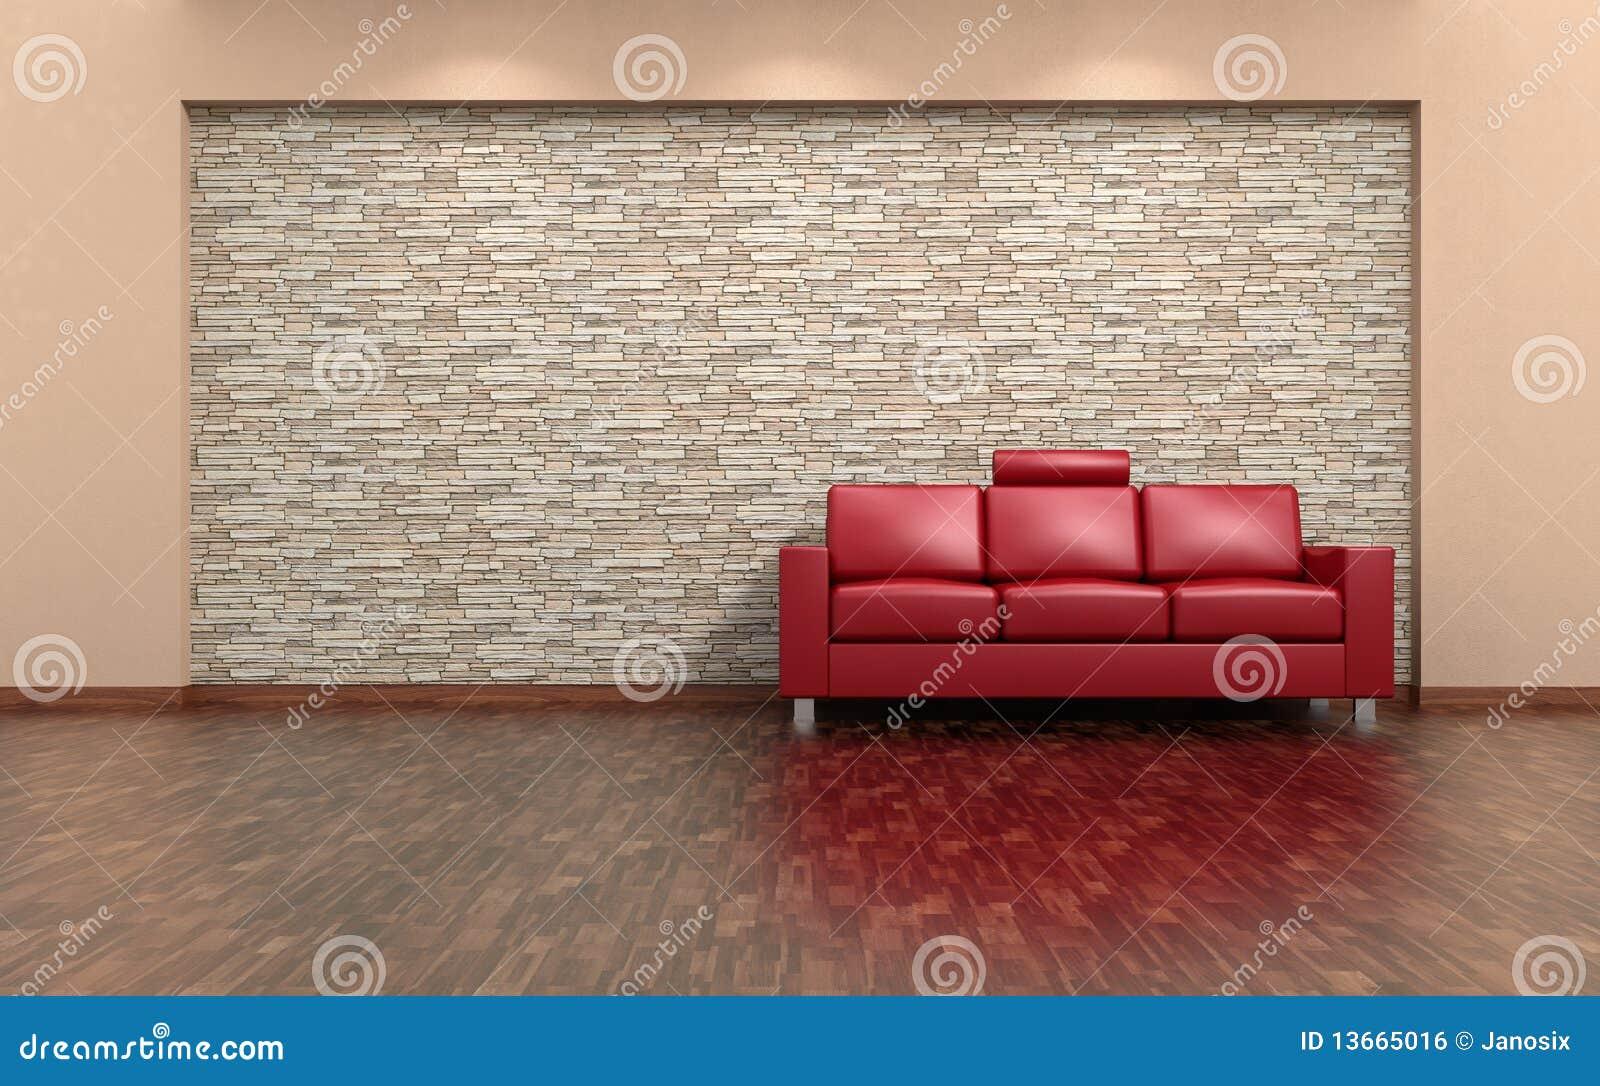 innenraum des roten sofas und der steinwand stockfoto bild von feld auslegung 13665016. Black Bedroom Furniture Sets. Home Design Ideas